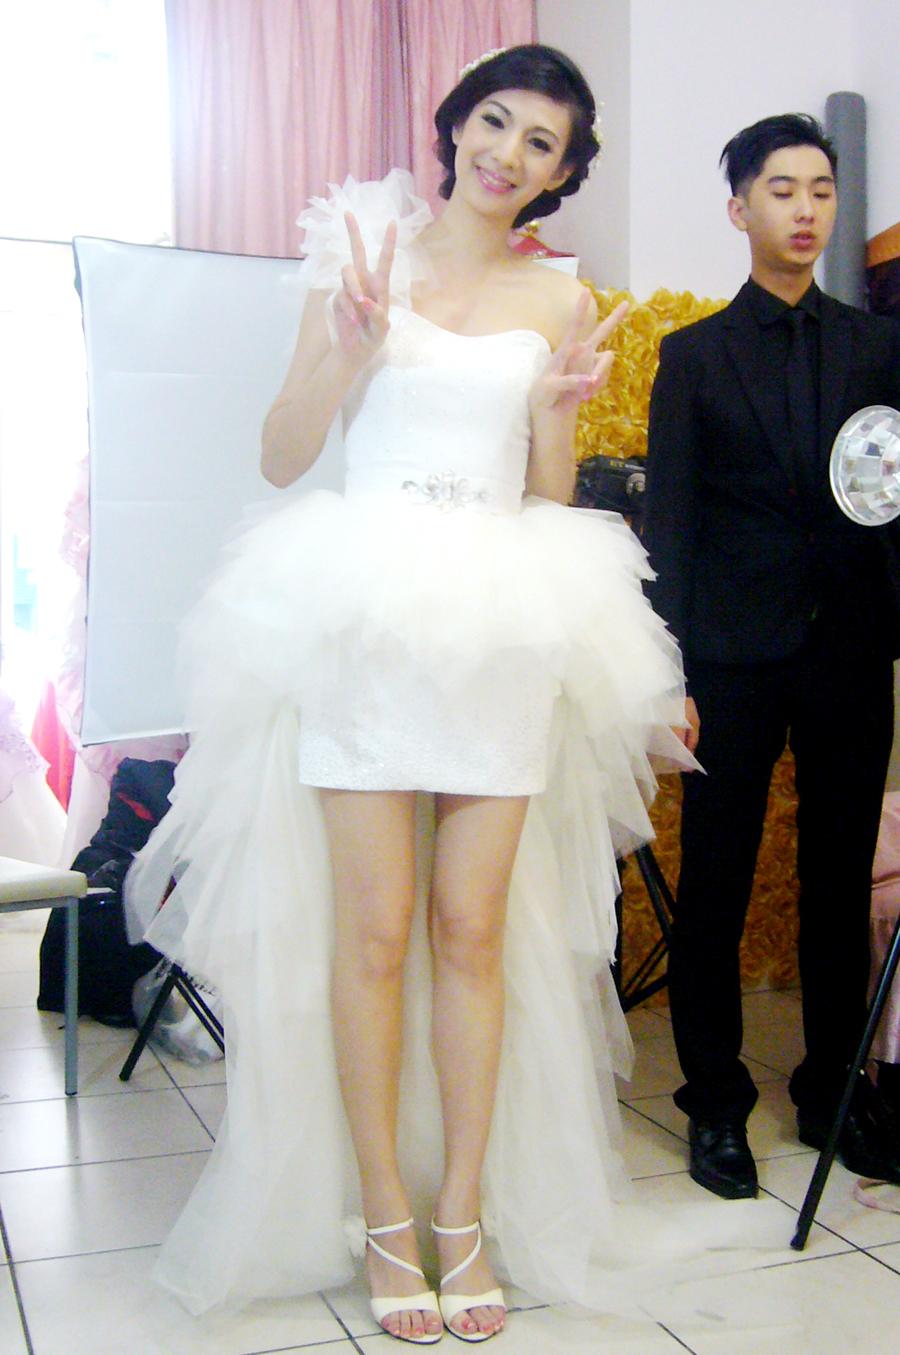 佳蓉白紗(編號:406440) - 花精靈婚紗∣攝影∣新秘 - 結婚吧